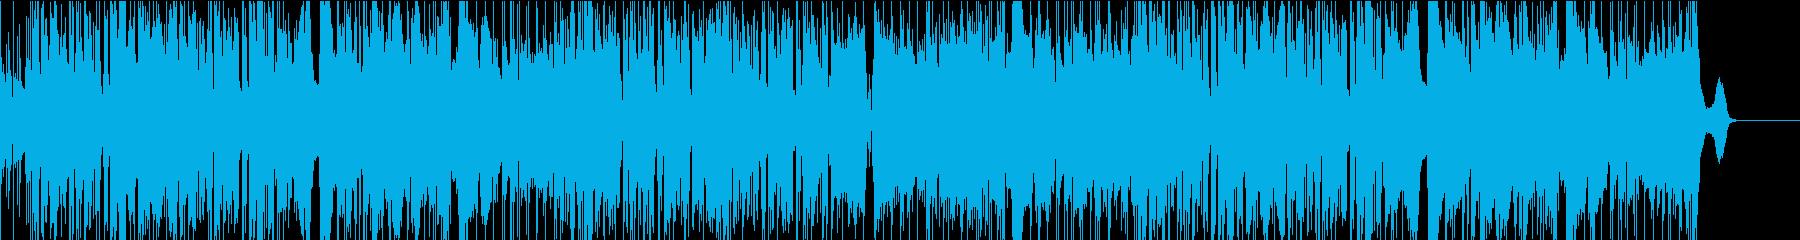 サックスの軽快なフュージョンの再生済みの波形